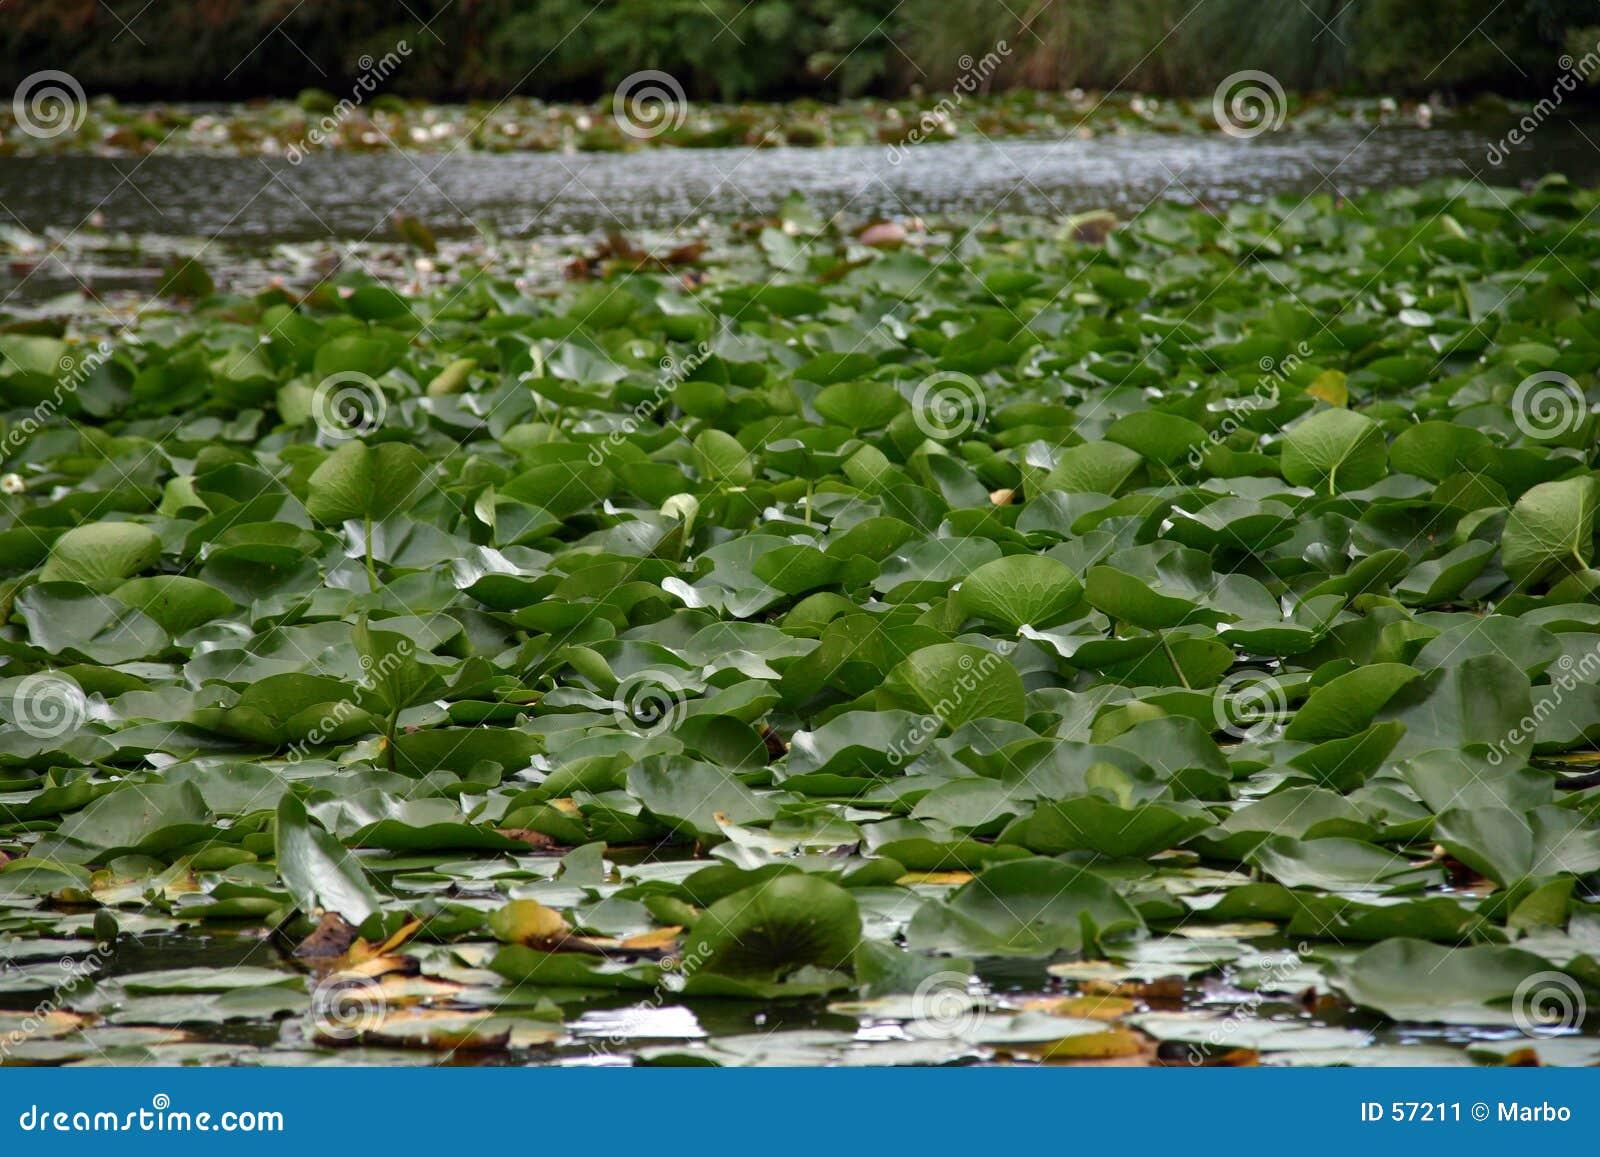 Download L'eau lilly image stock. Image du fleur, marais, vert, lilly - 57211